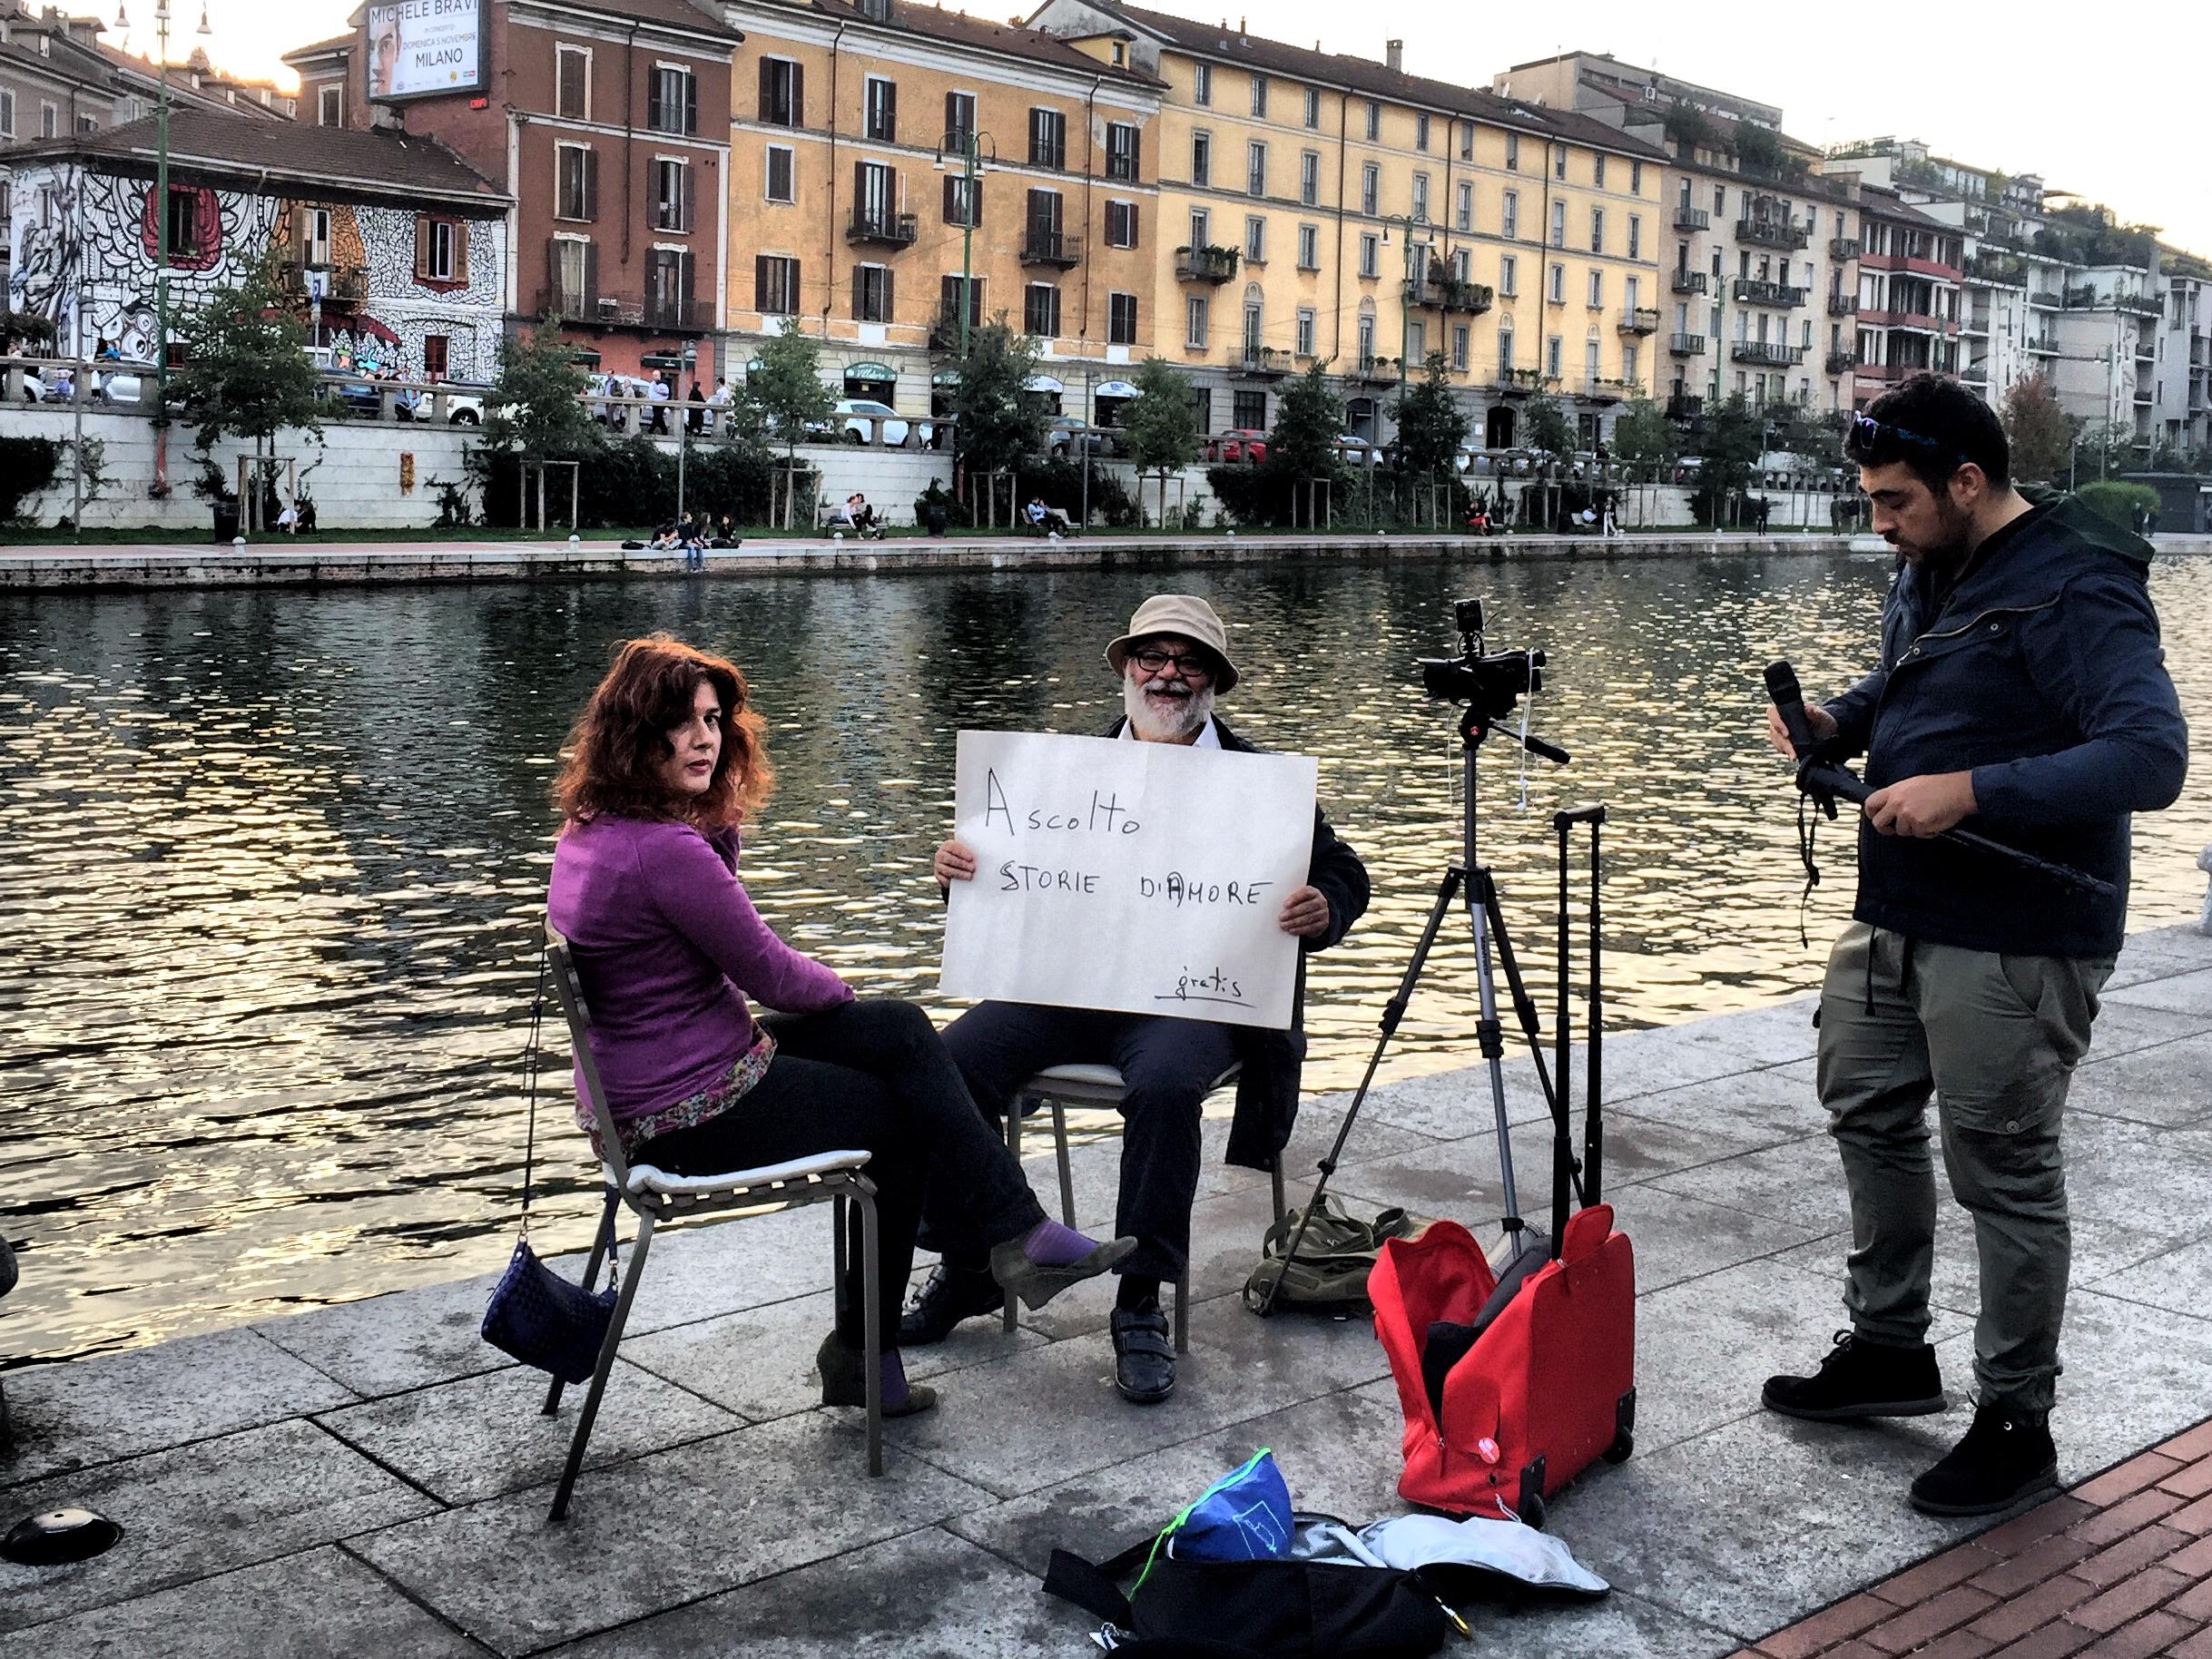 L'uomo che ascolta storie d'amore a Milano sui Navigli